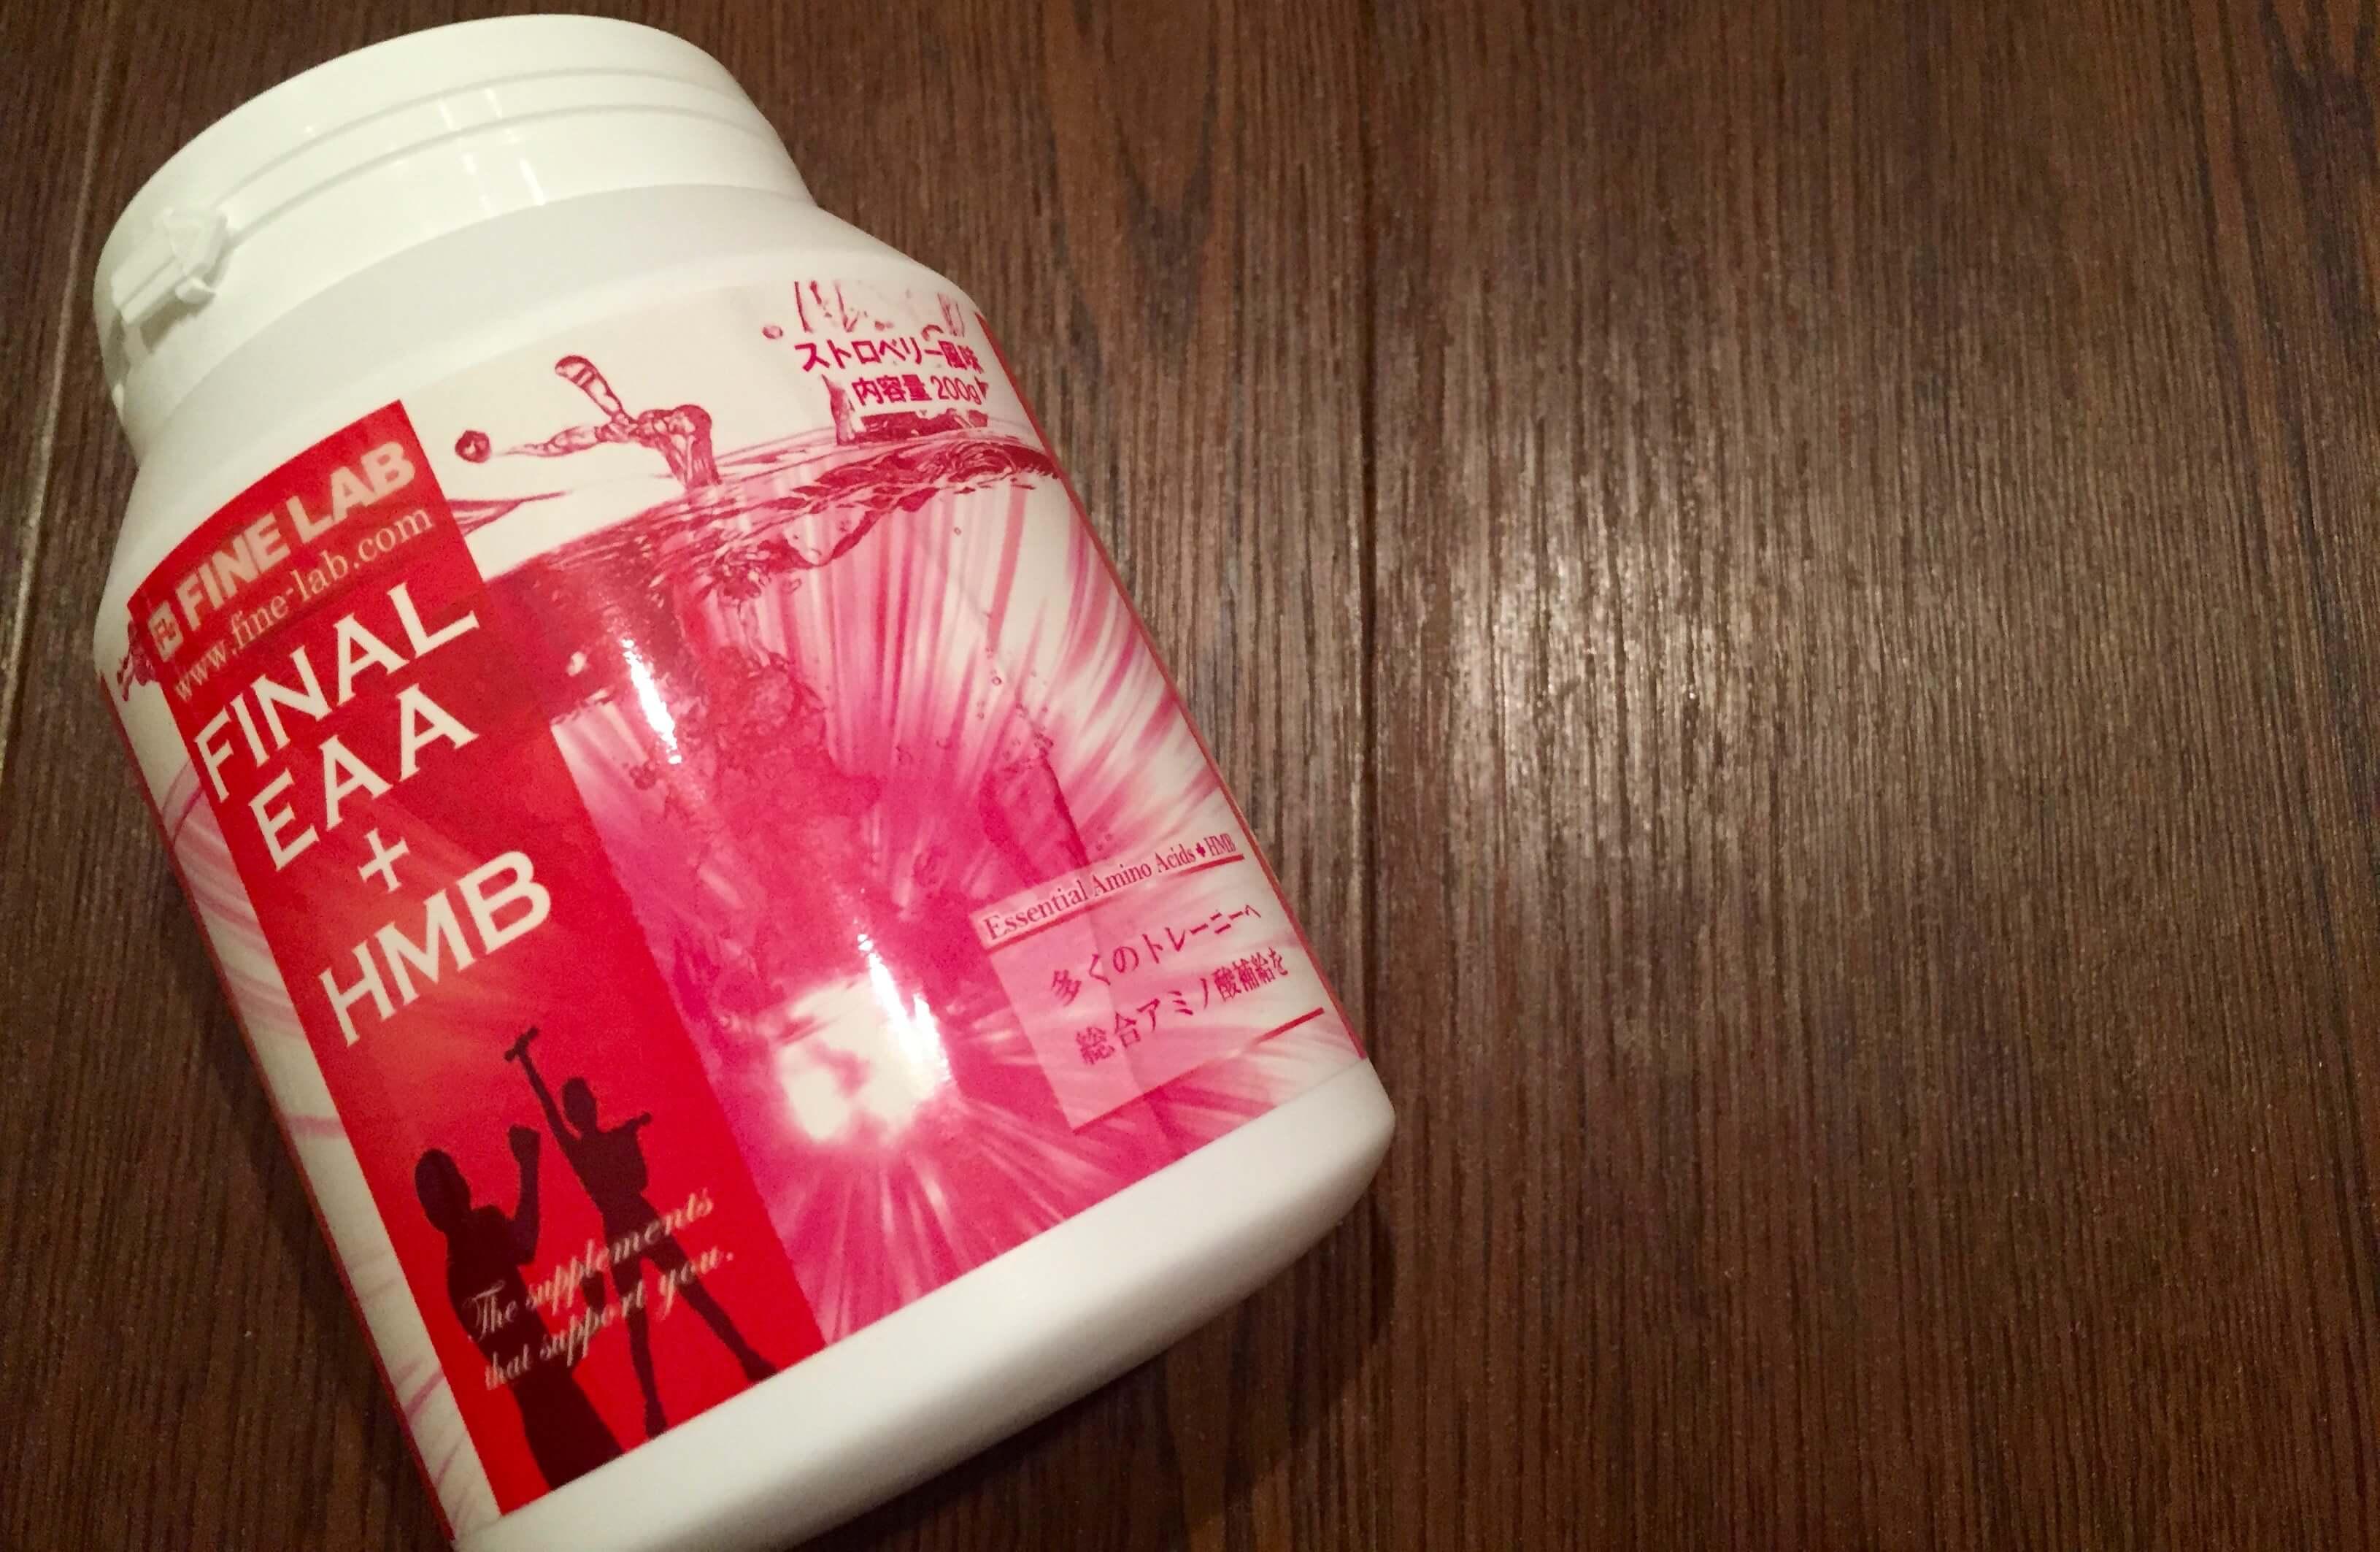 【レビュー】アミノ酸とHMBでバルクアップ!「ファイナルEAA+HMB」がオススメなので紹介したい